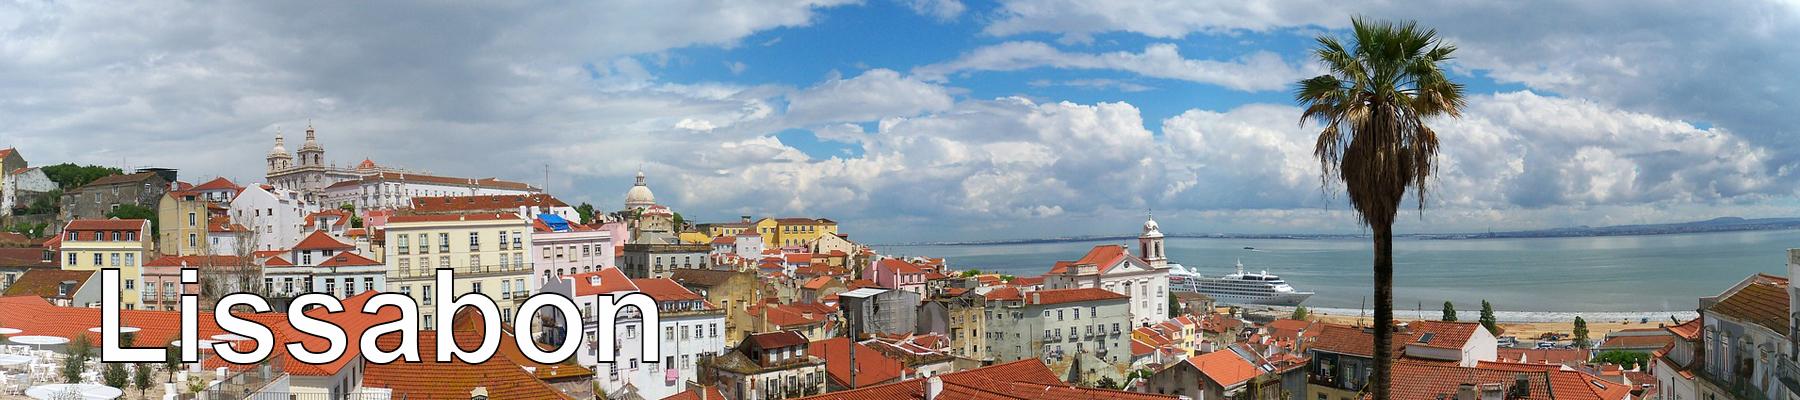 Lissabon: Uniek gelegen stad met een uniek karakter